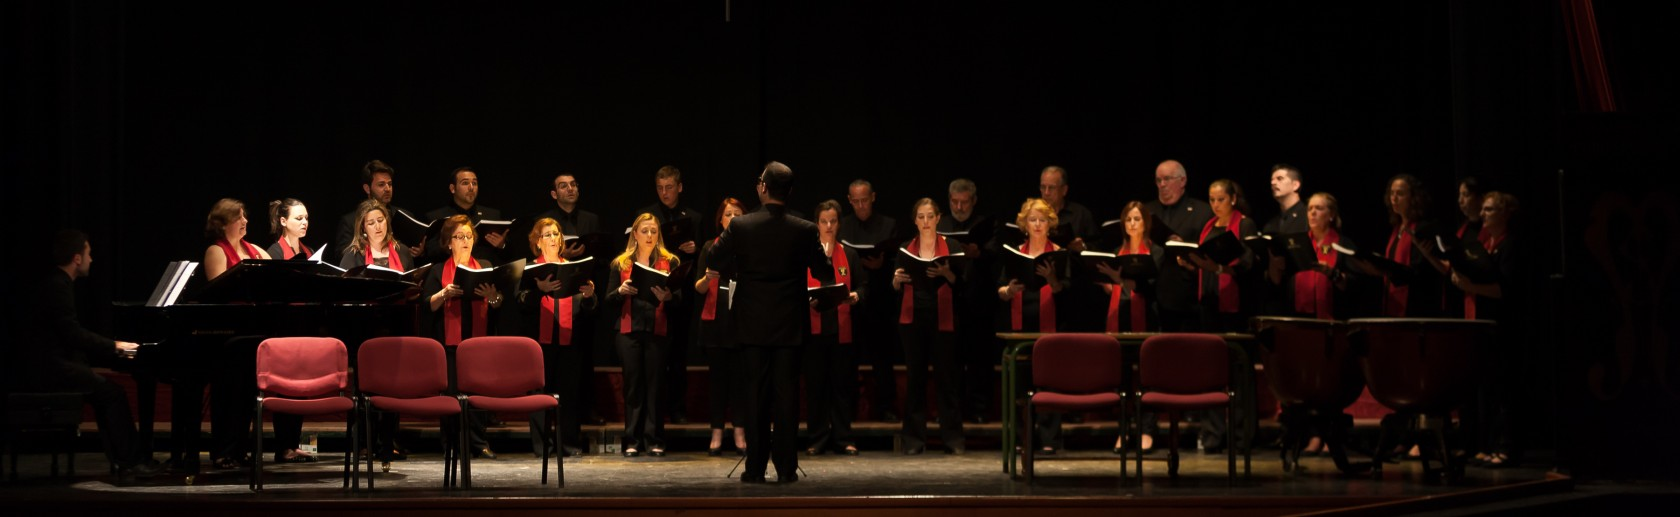 Concierto-Pastora-Soler-3